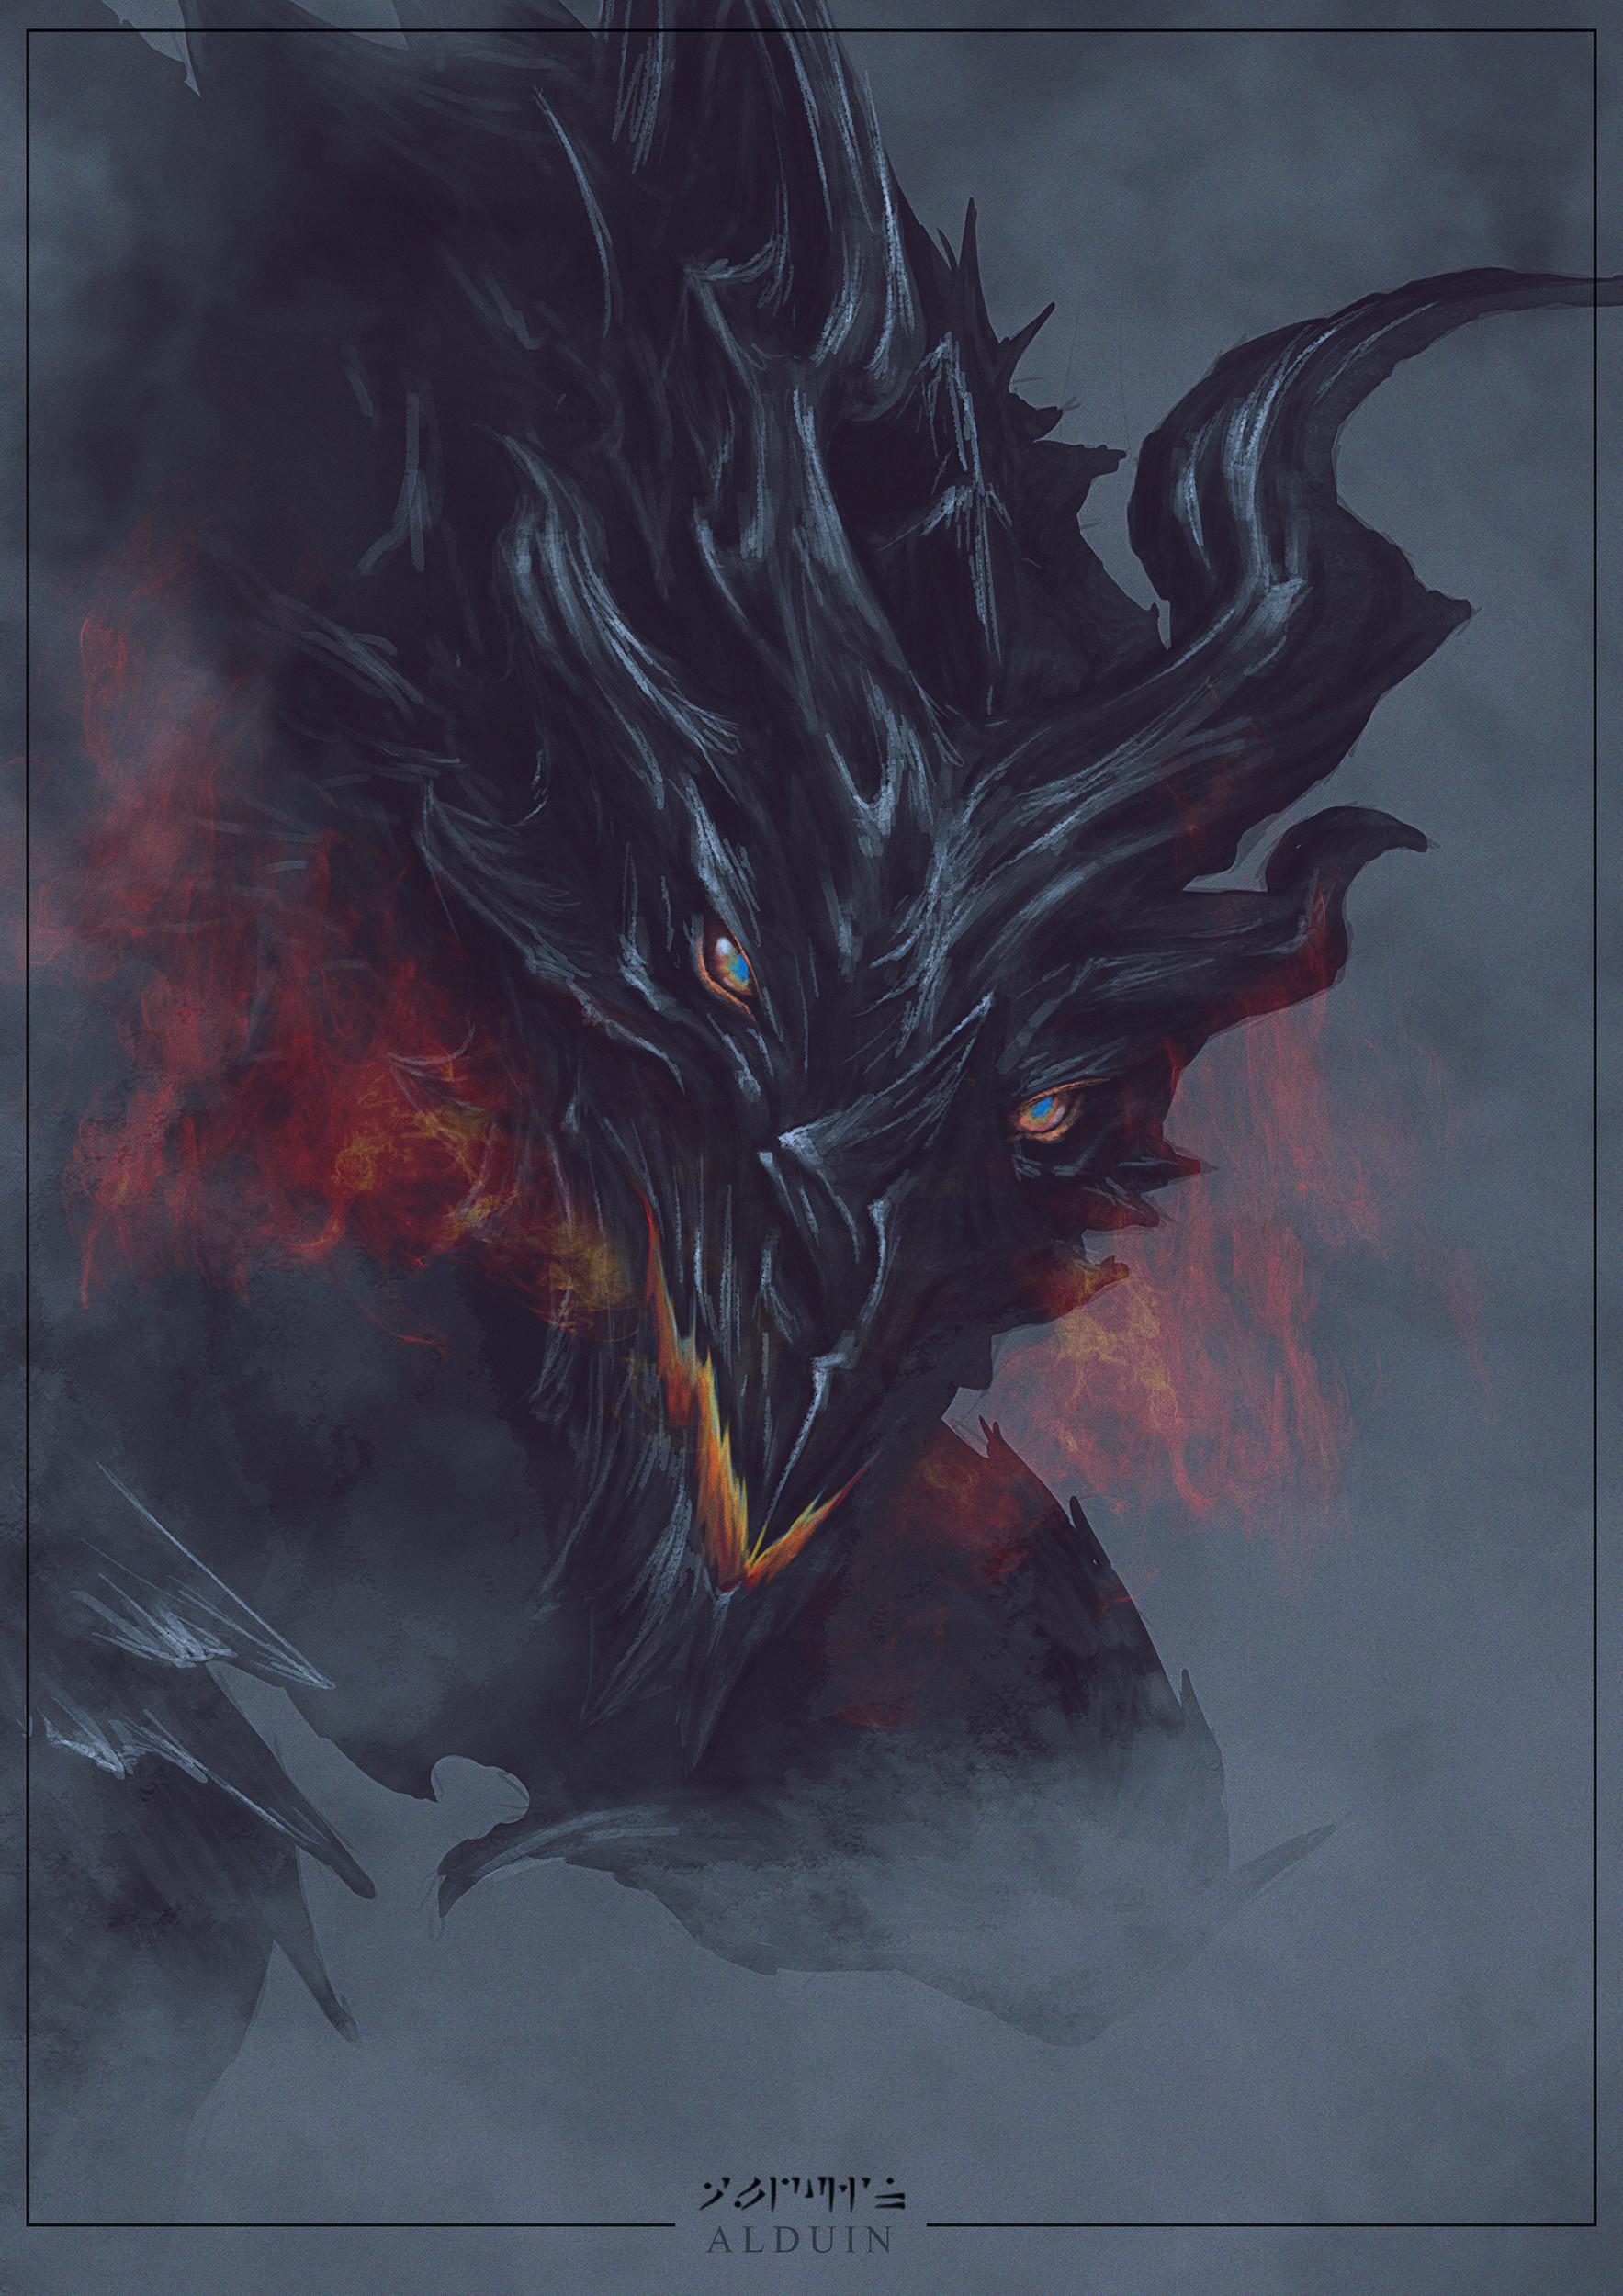 Artstation Alduin From The Elder Scrolls V Skyrim Fanart Debby Illanes